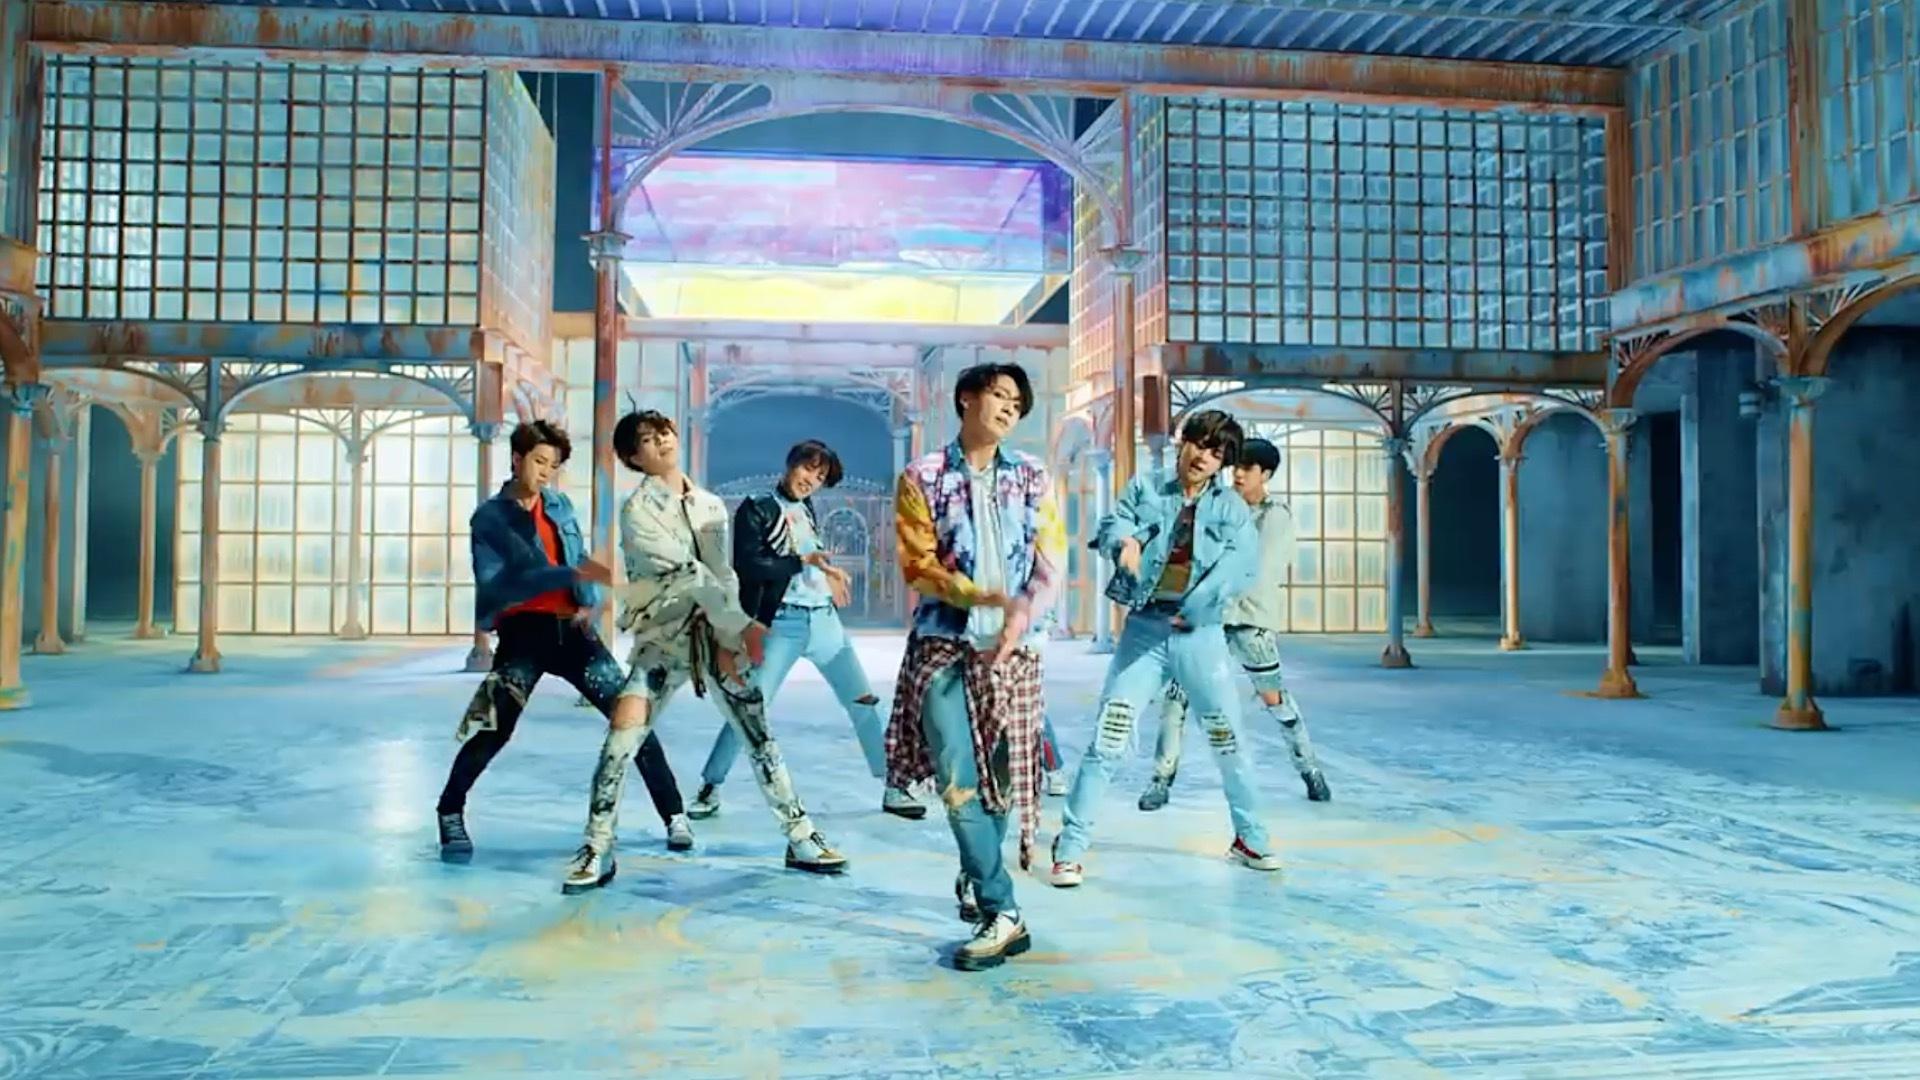 BTS zajęło 1. miejsce w zestawieniu